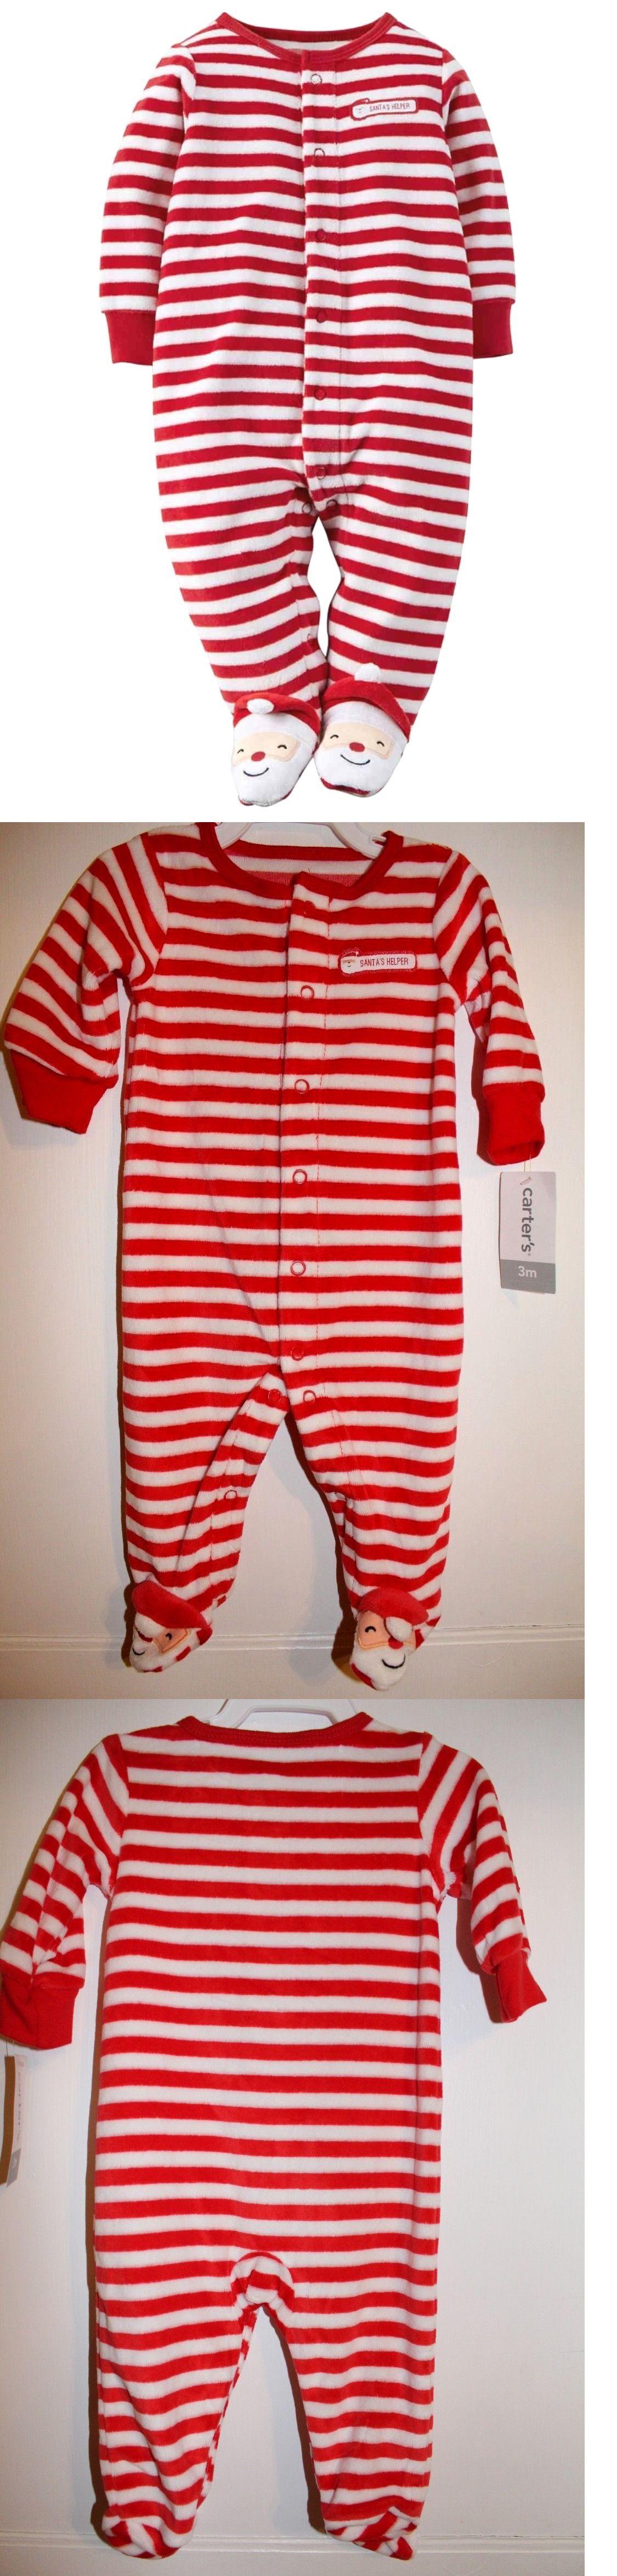 34ff46f74 Sleepwear 163400  Nwt Carter S Baby Boy Girl Santa Footed Striped ...